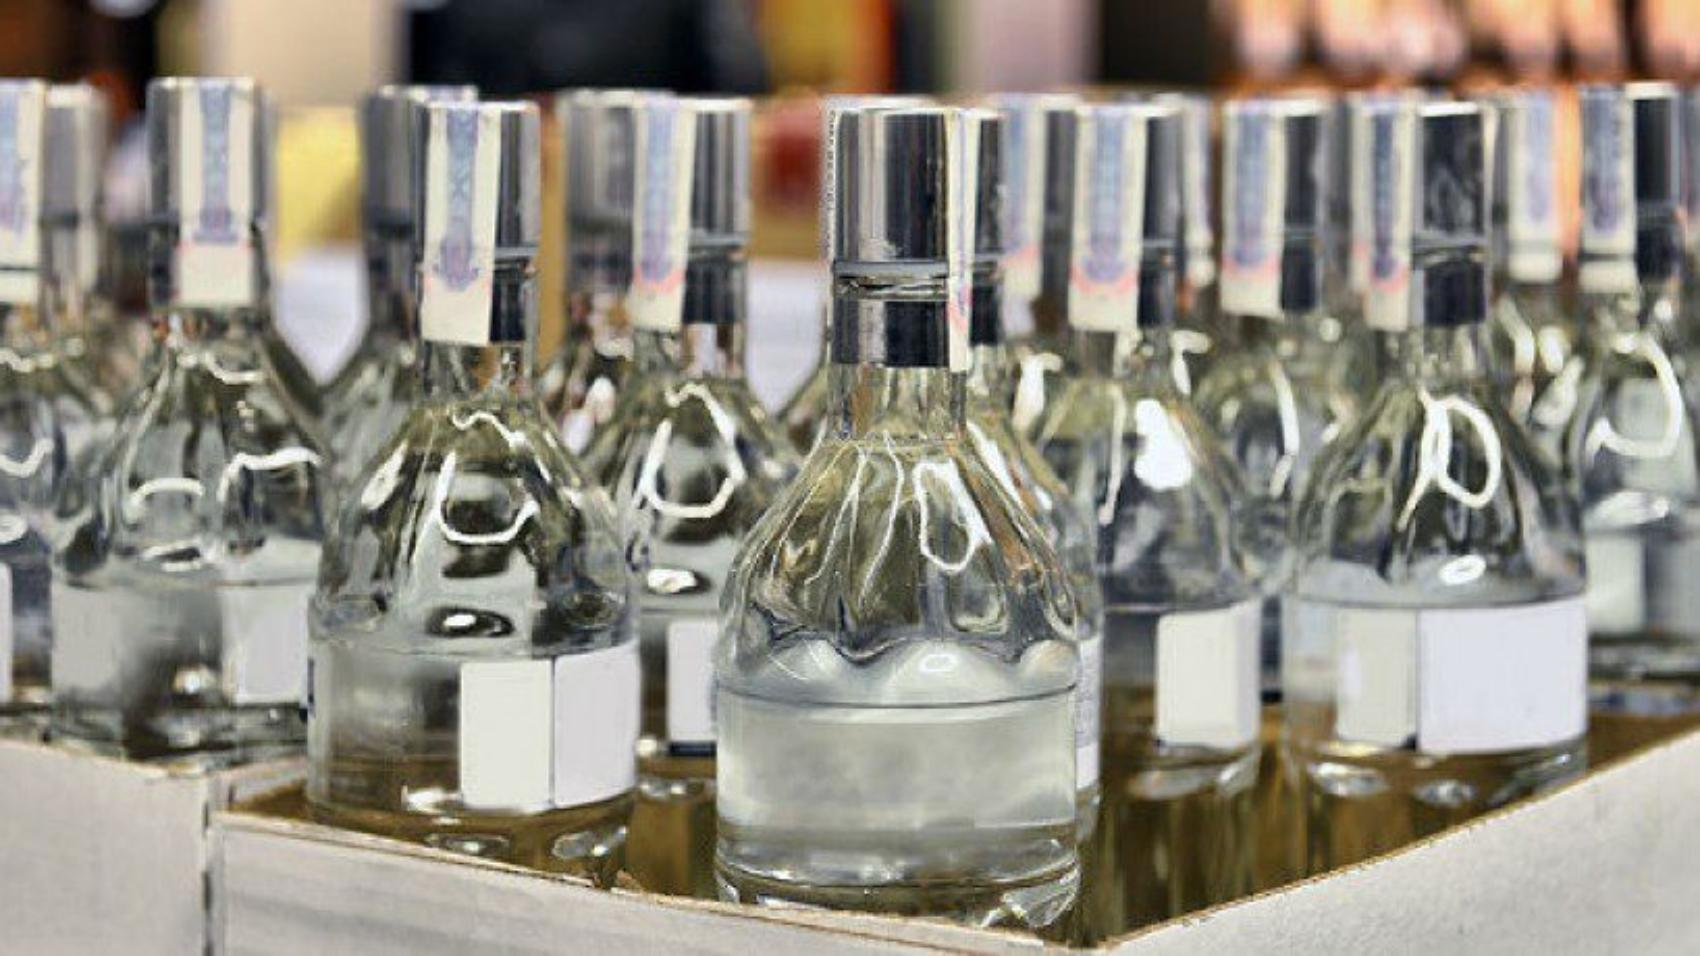 Правительство утвердило новые правила учета и представления деклараций об объеме производства и оборота этилового спирта, алкогольной и спиртосодержащей продукции.